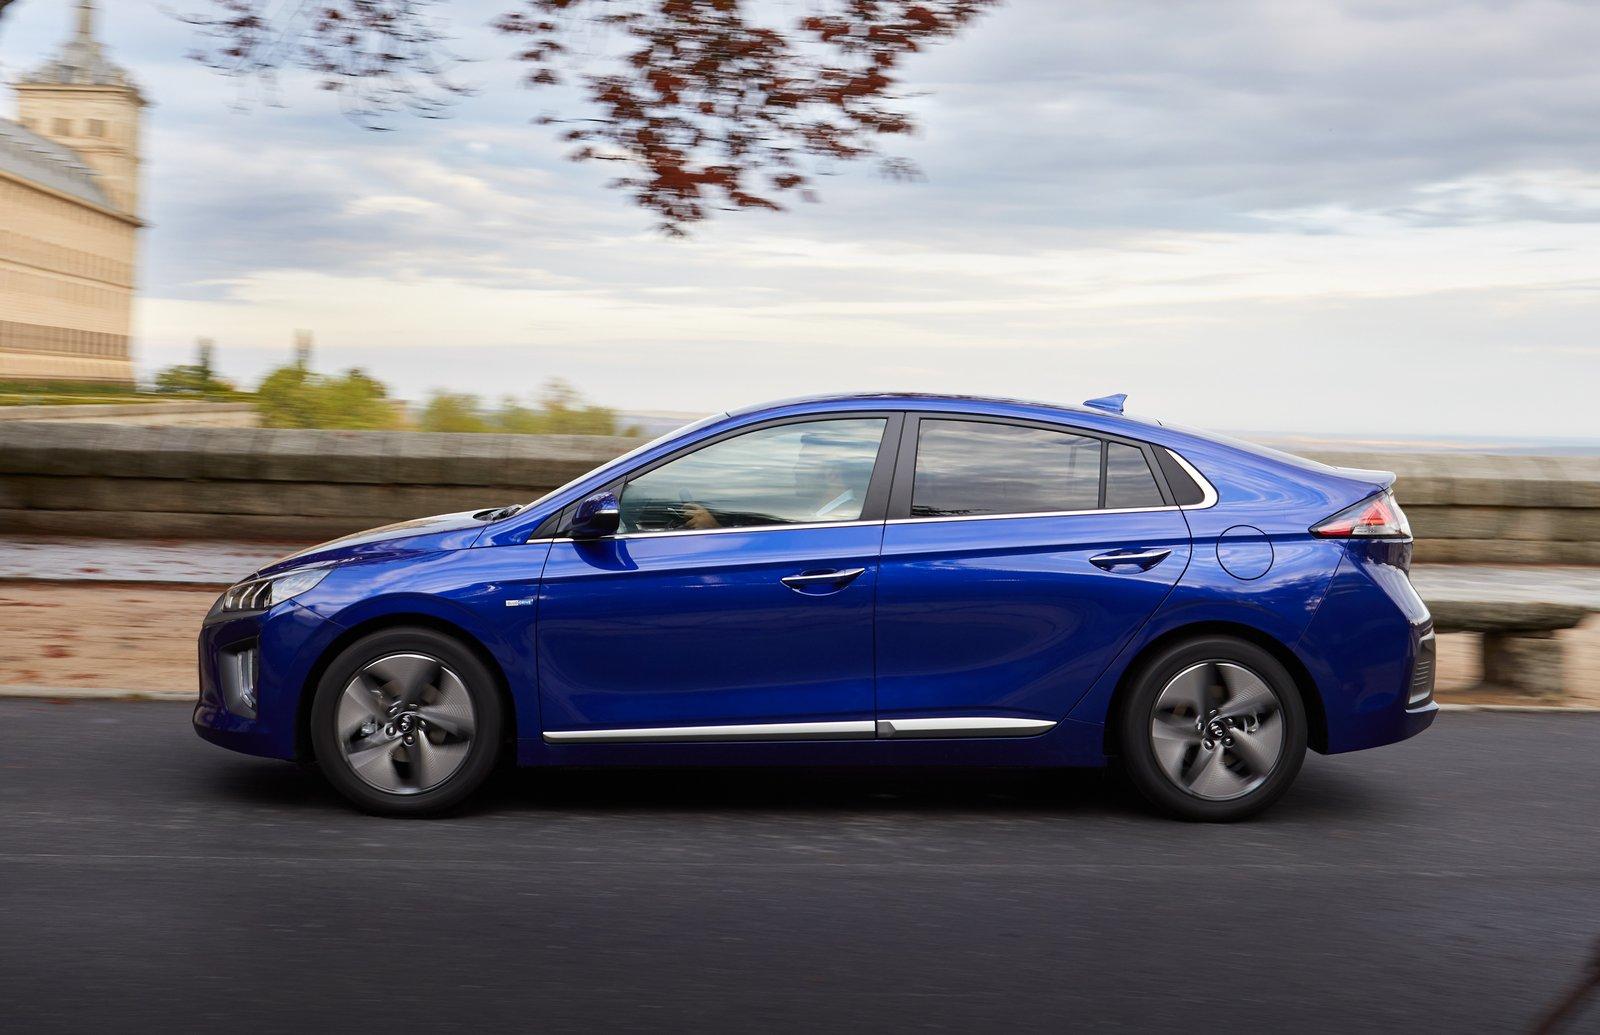 Coches híbridos con menos consumo. Hyundai Ioniq